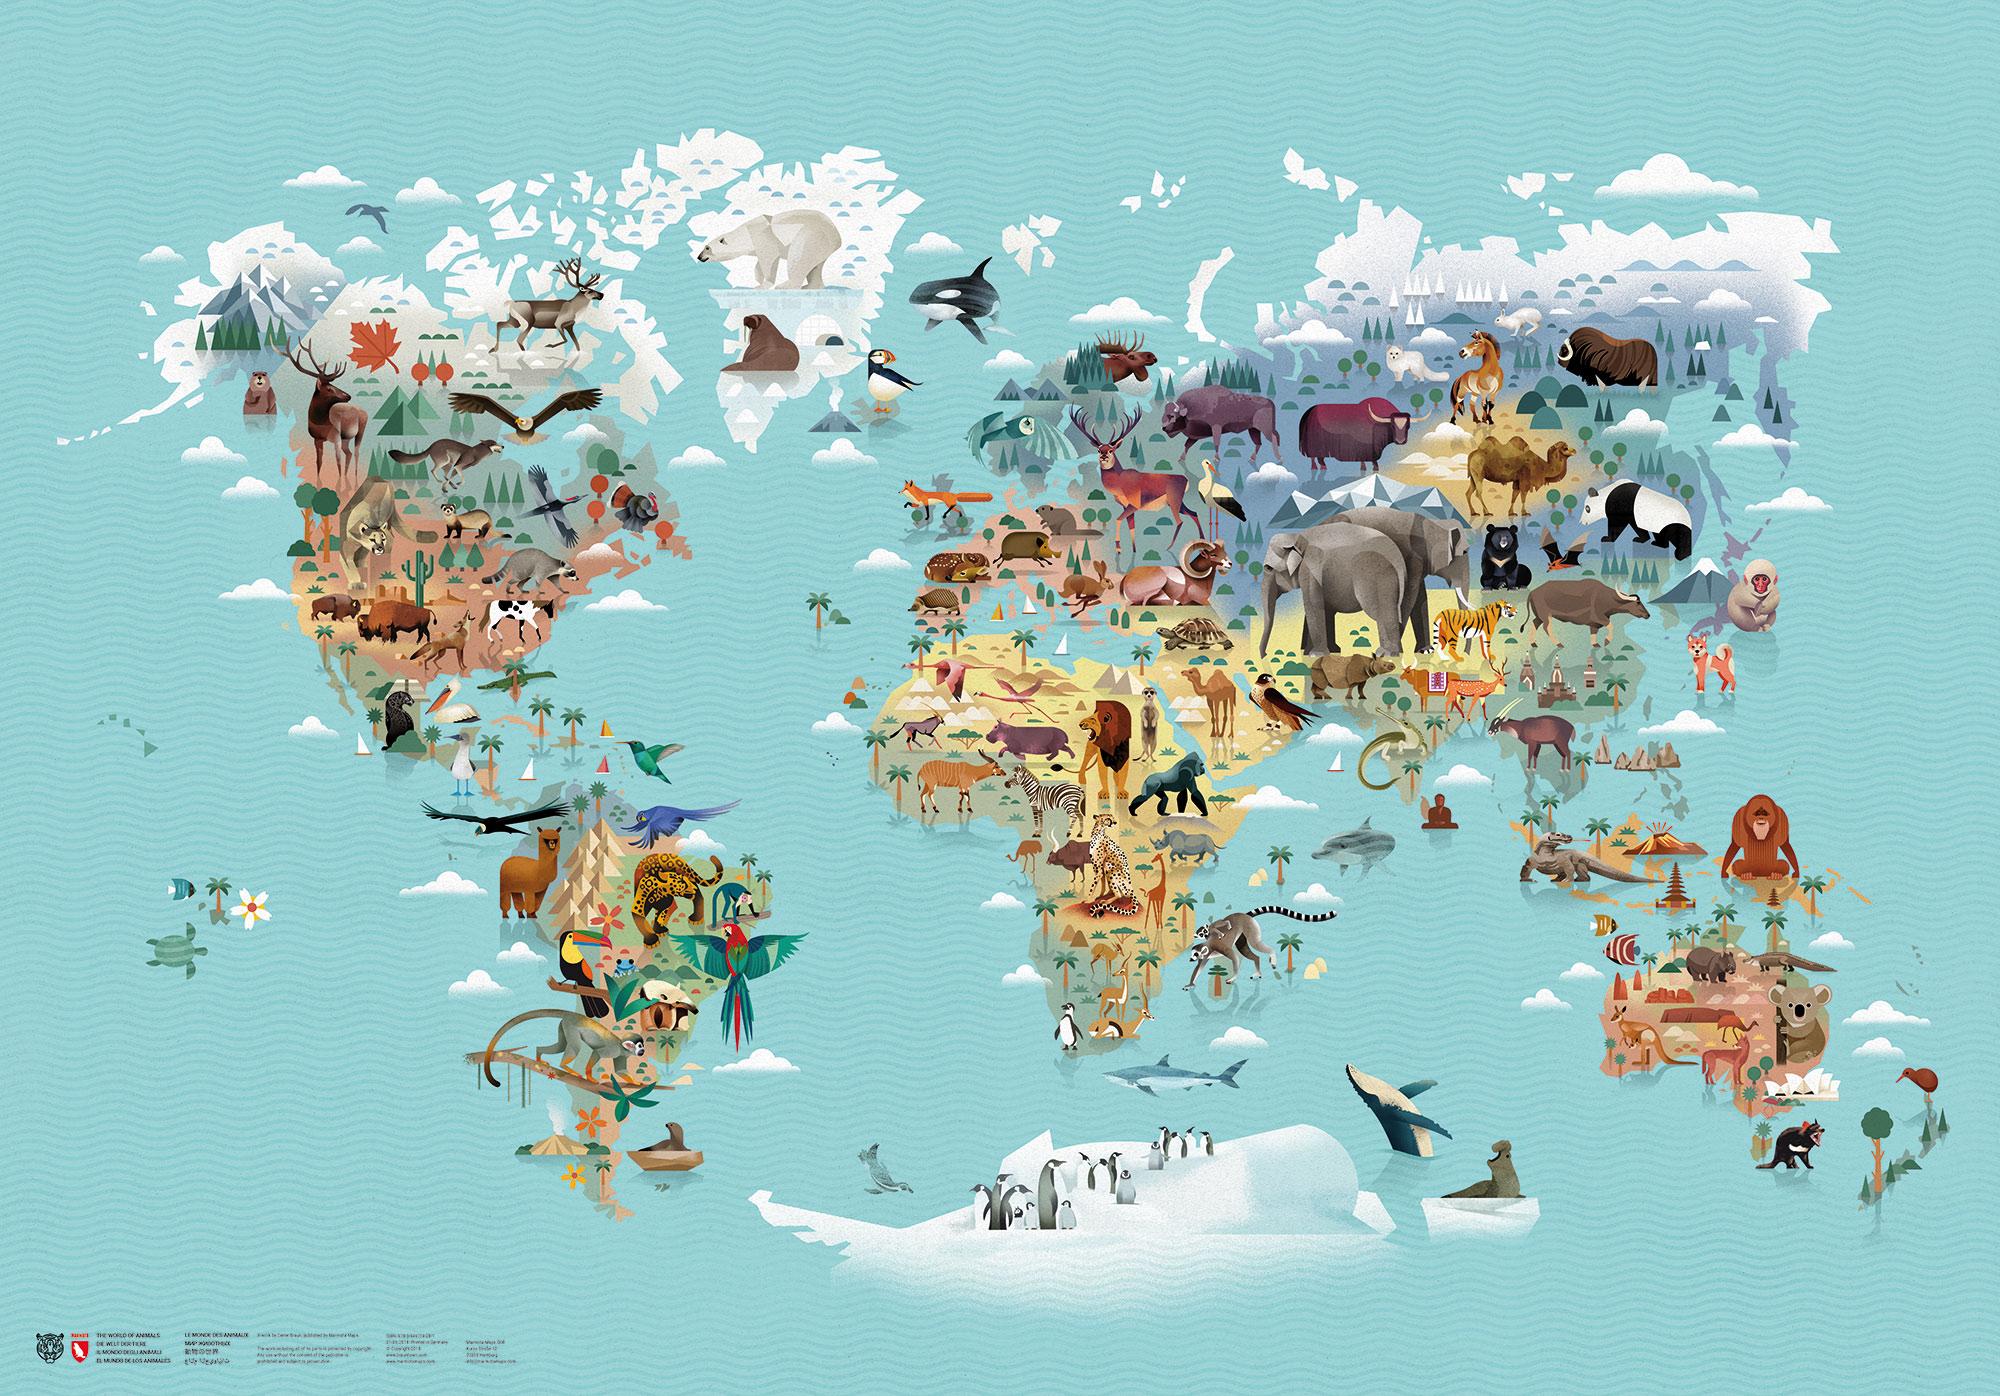 Coğrafyaya göre hayvanların dağılımı...